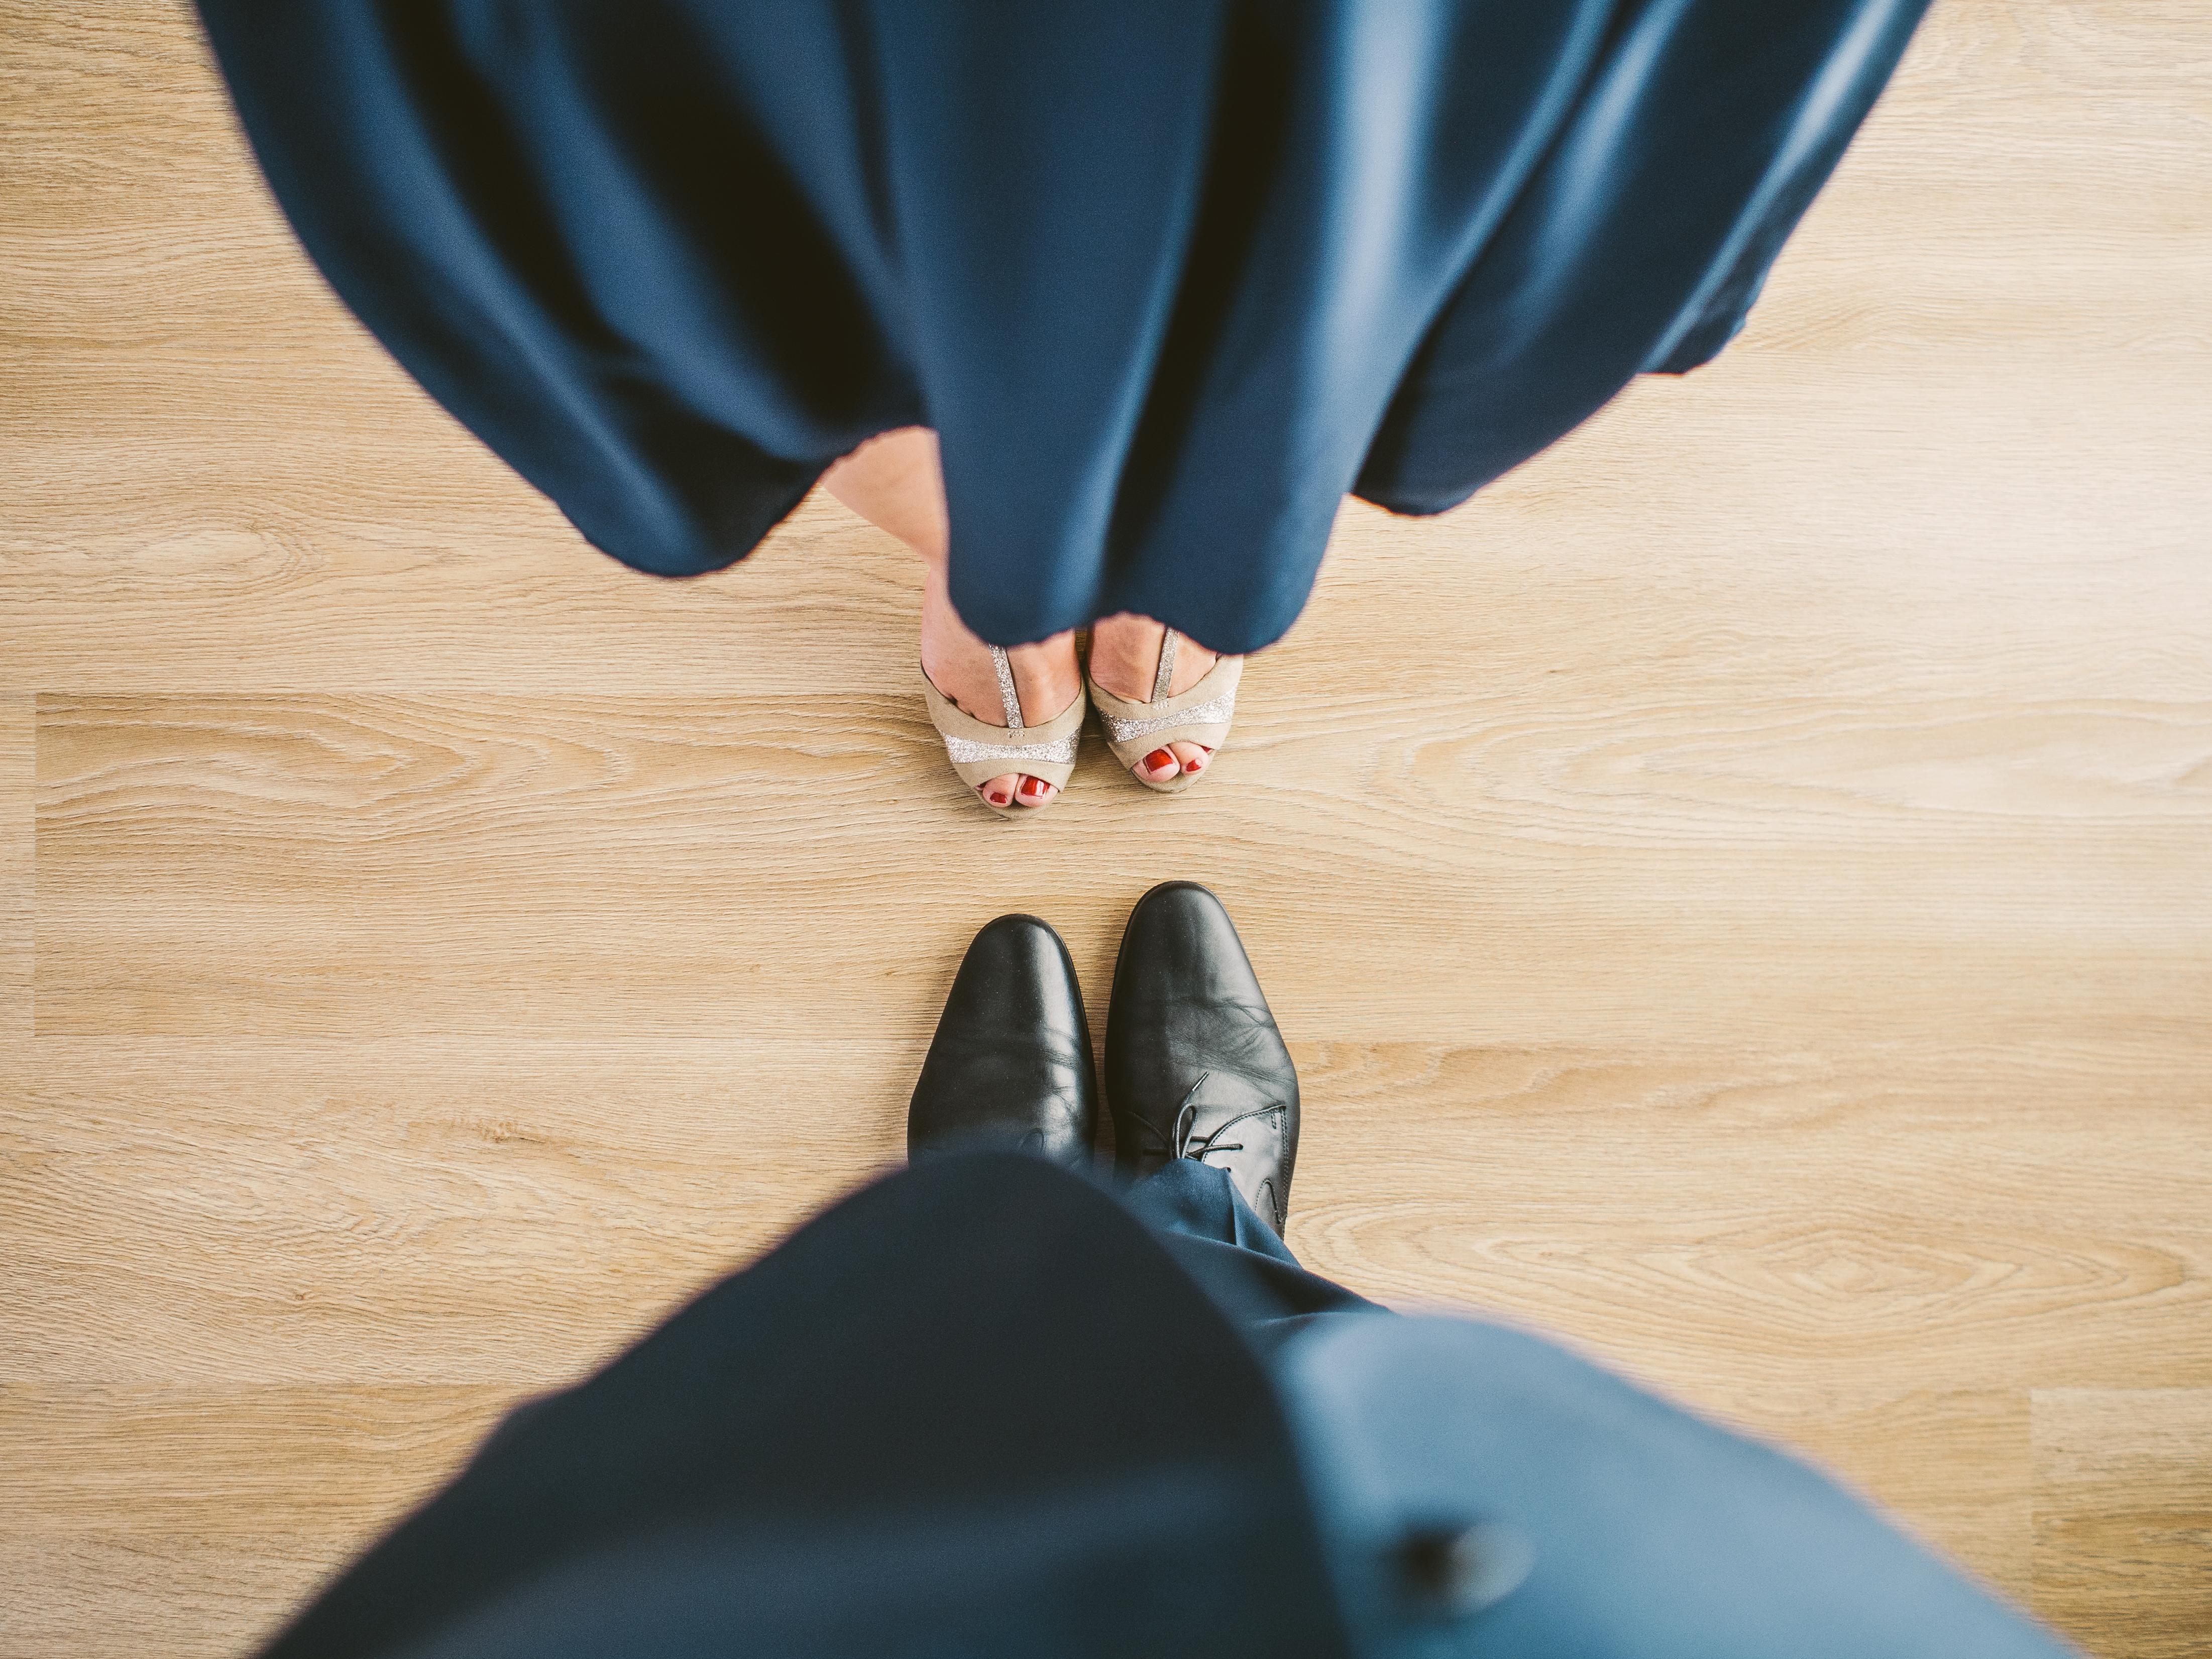 Bailando en pareja [AUDIO CUENTO]